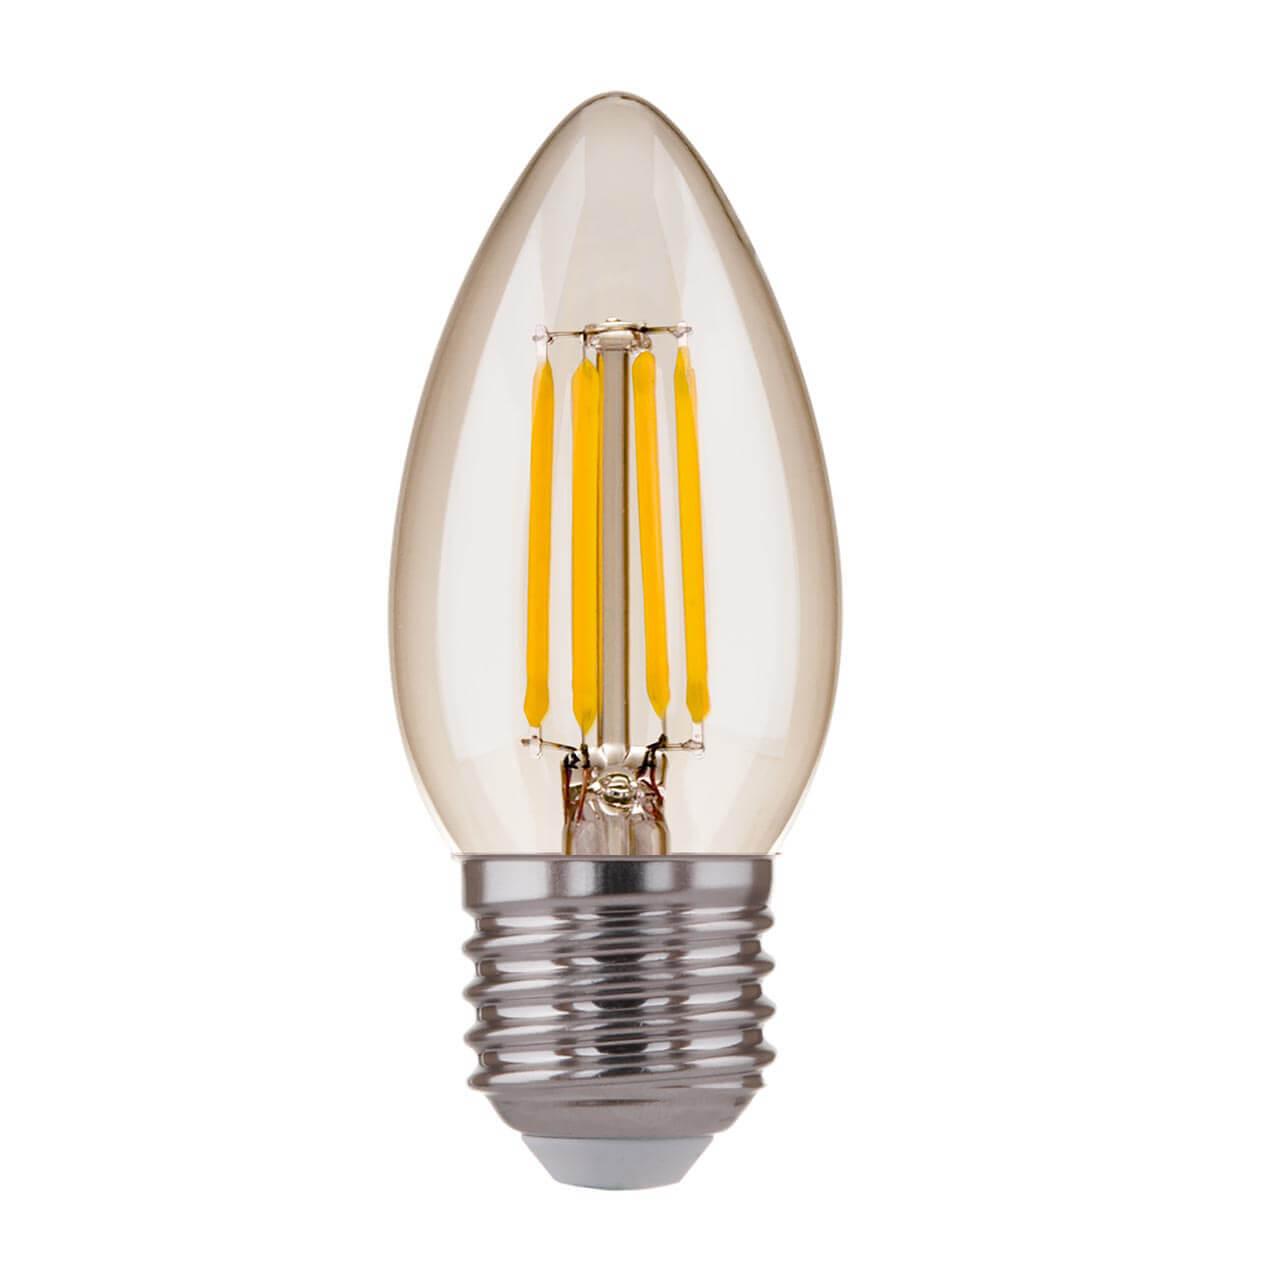 купить Лампа светодиодная филаментная Elektrostandard E27 7W 4200K прозрачная 4690389125263 по цене 143 рублей